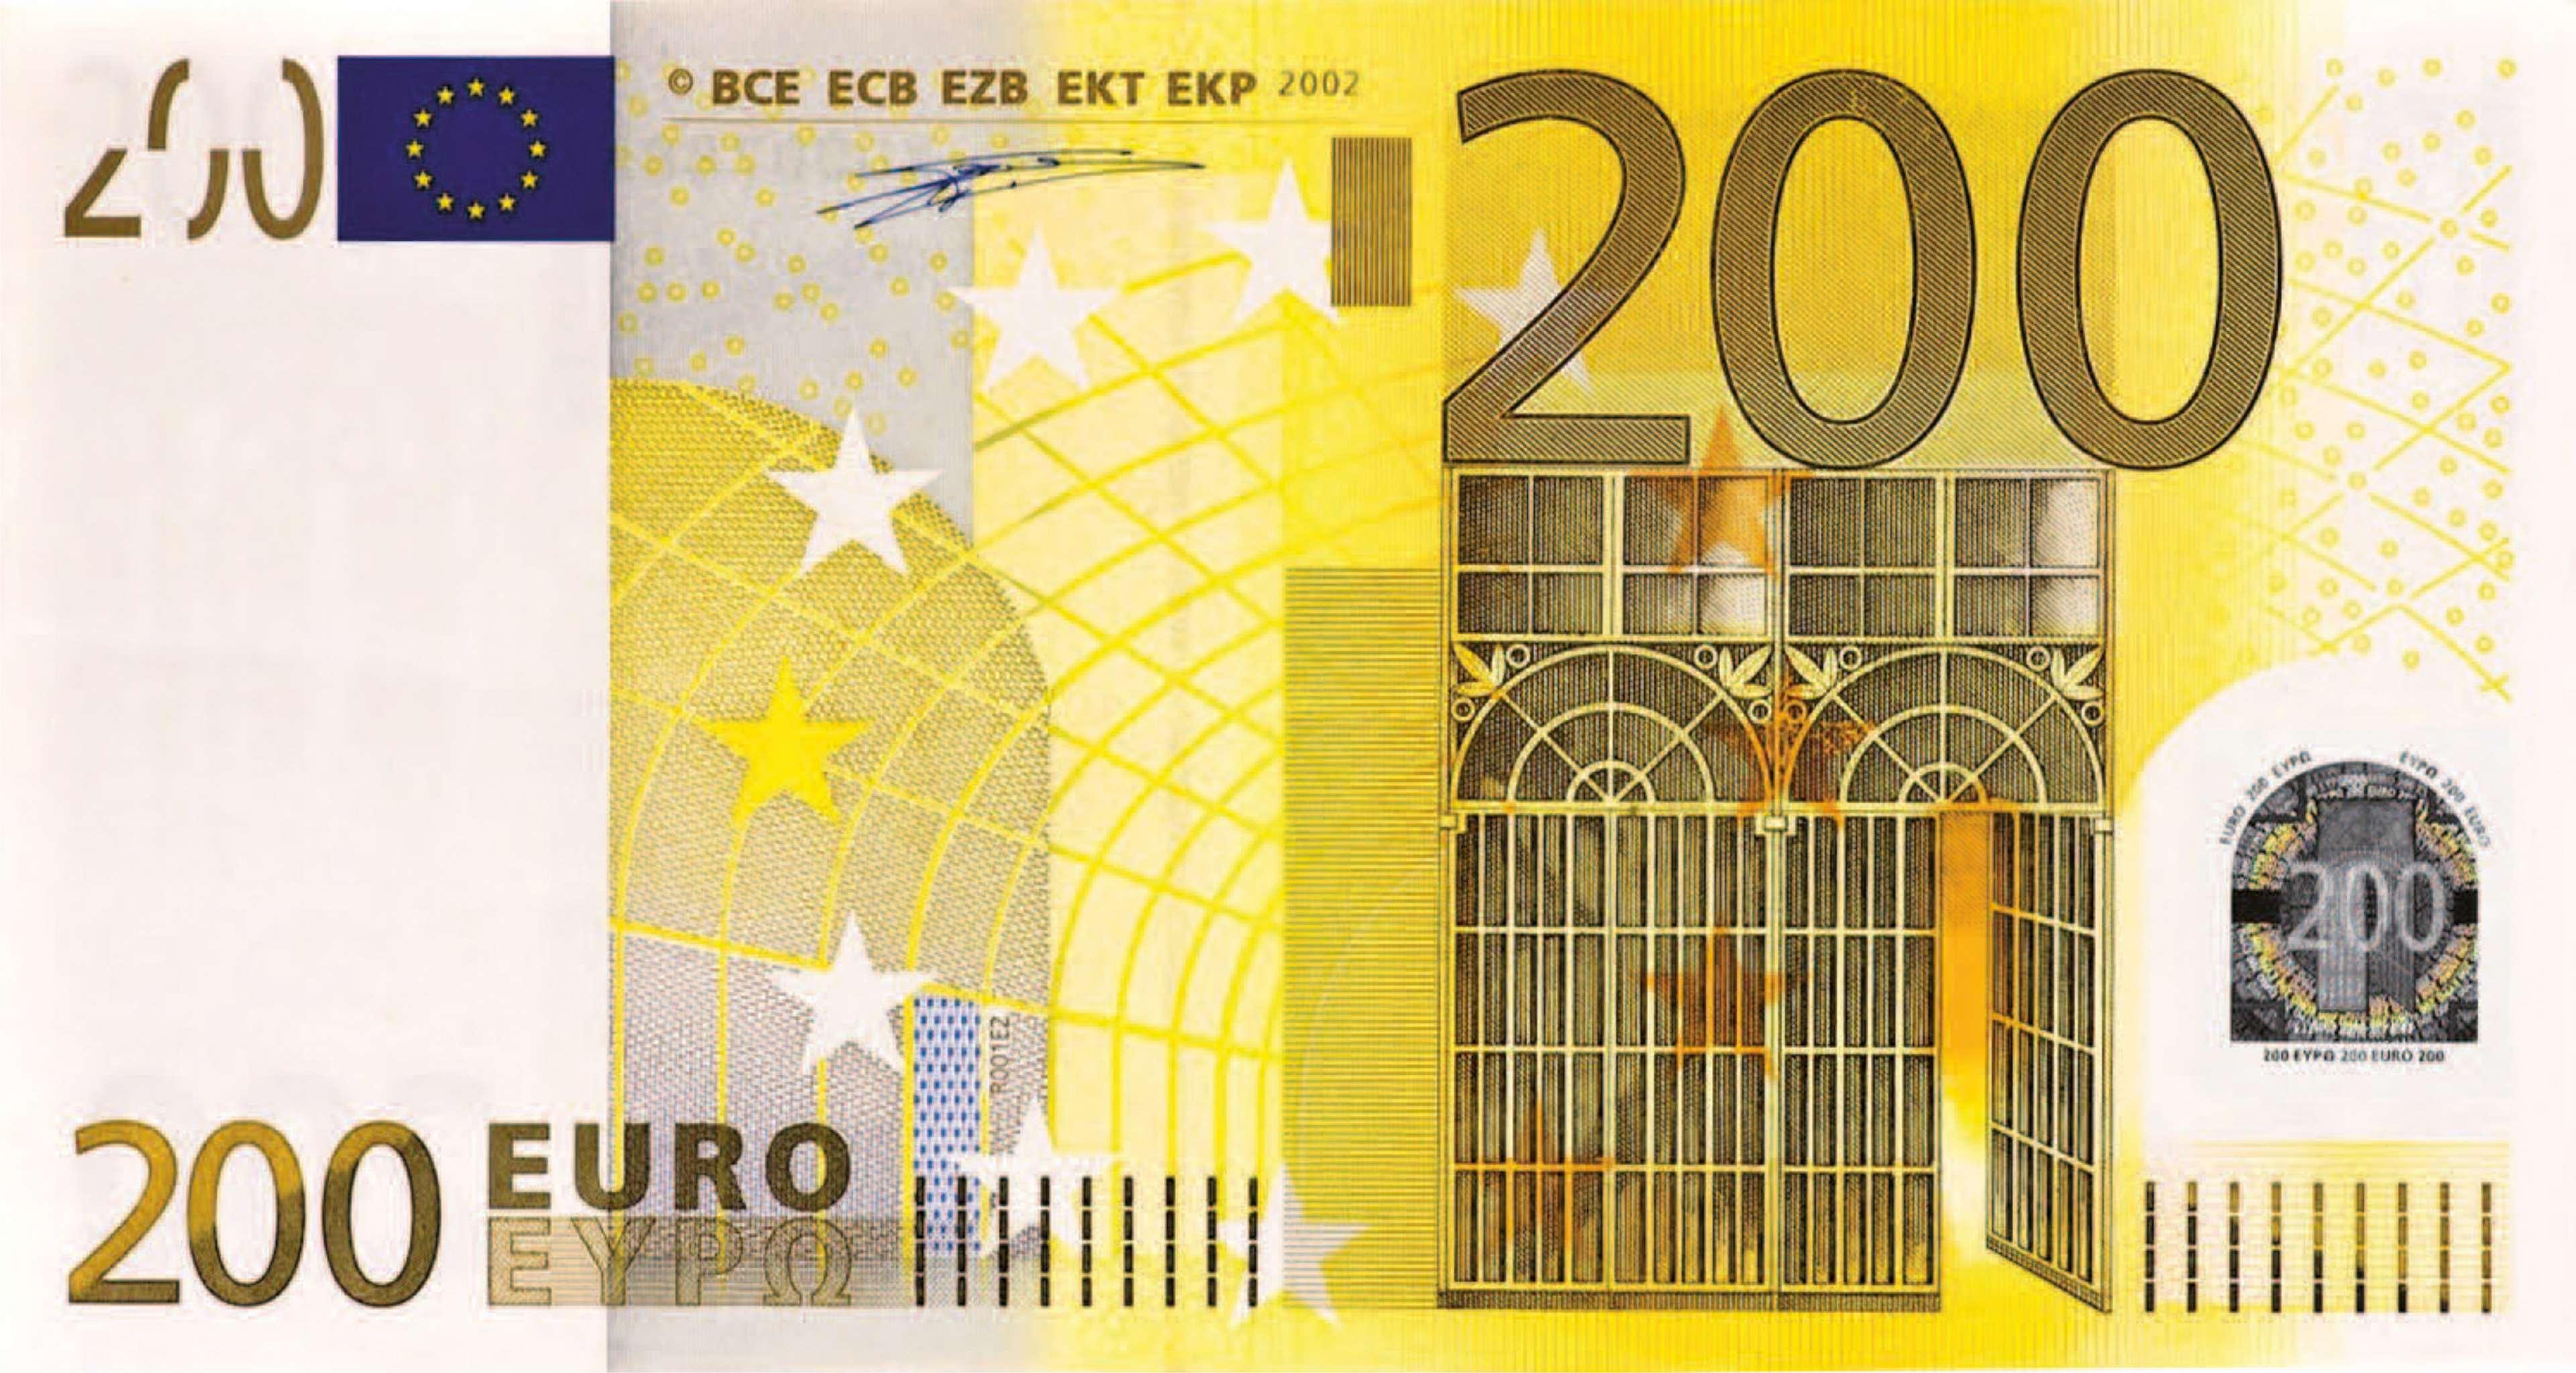 Интересная стратегия Форекс: только Евро